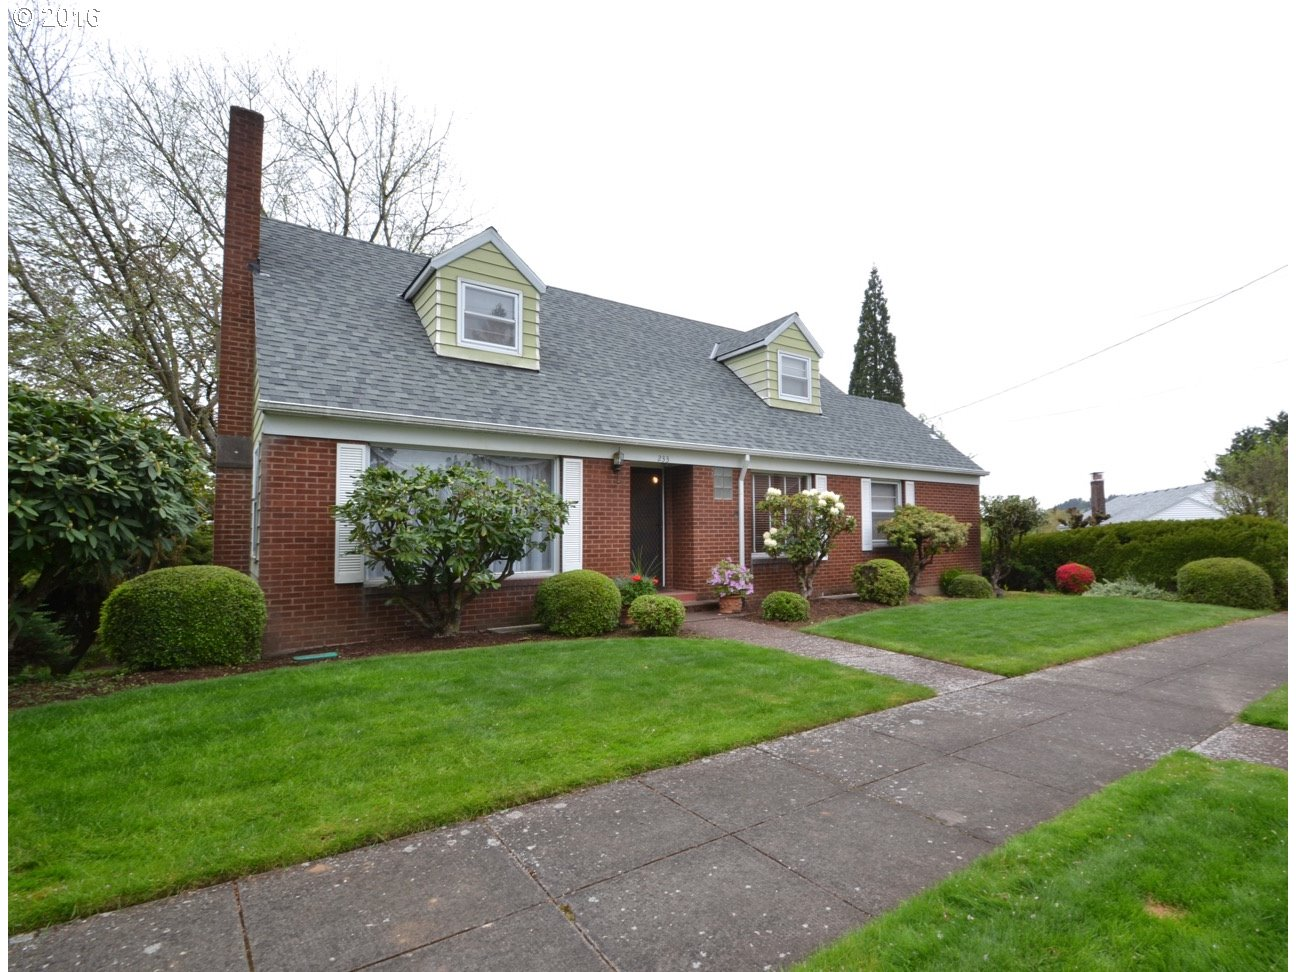 233 NE BILLINGHER DR, Portland, OR 97220